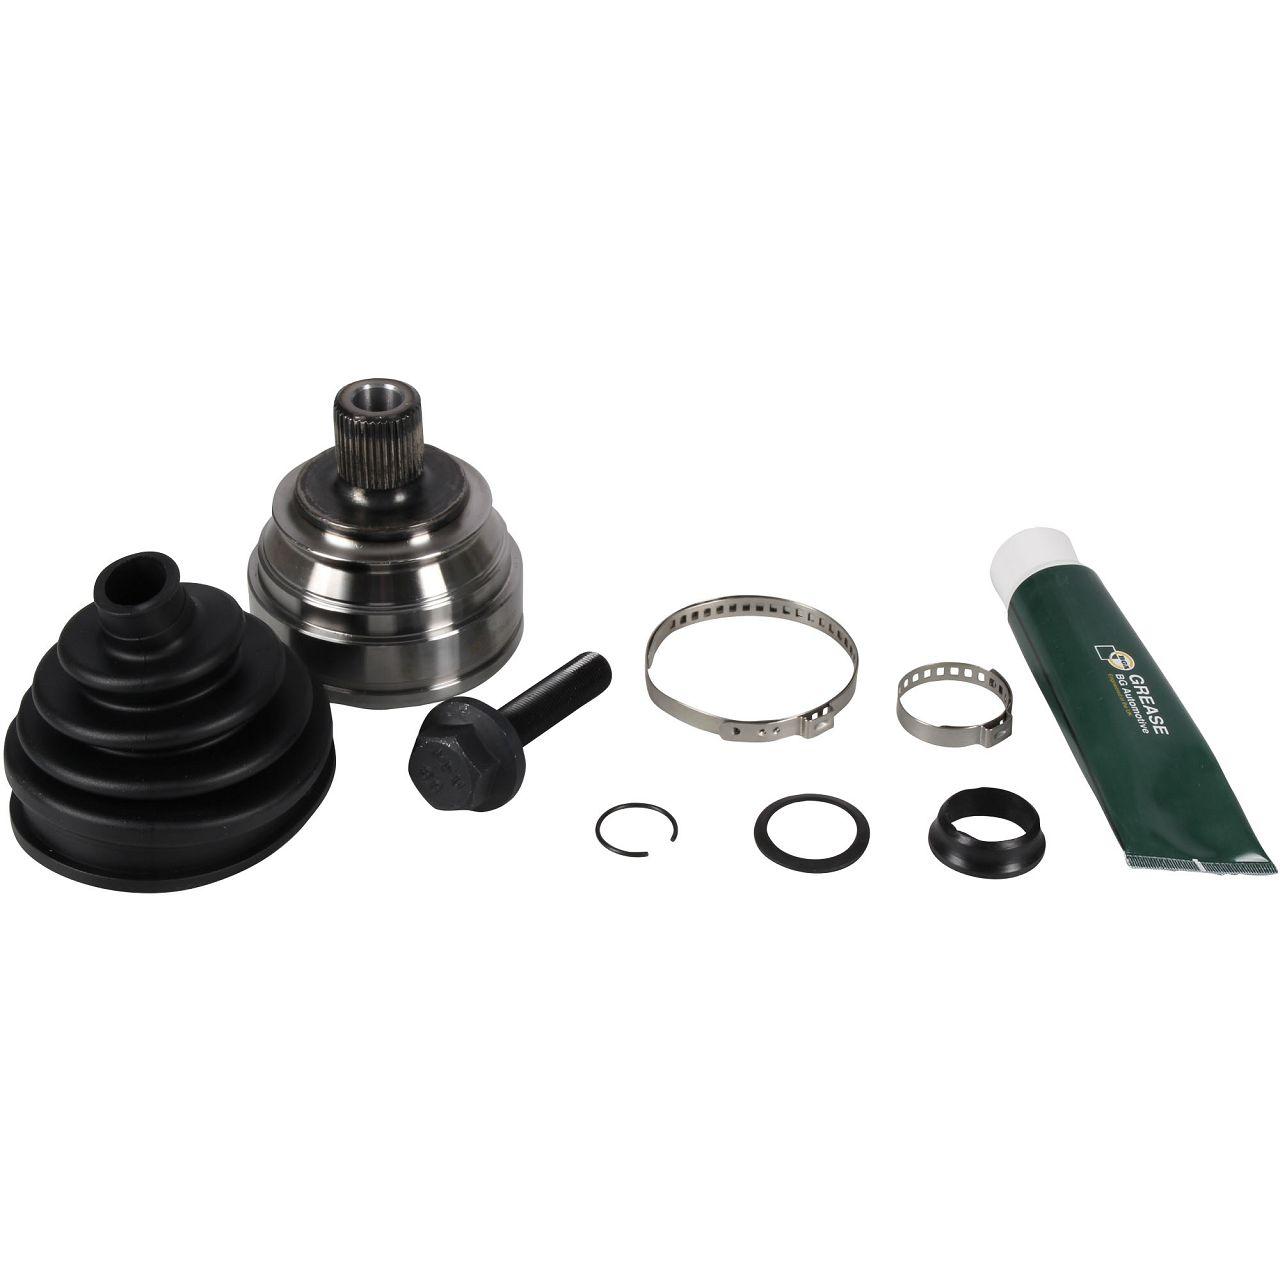 Antriebsgelenk für VW TRANSPORTER T4 ab 70M000001 bis 70R136290 vorne RADSEITIG